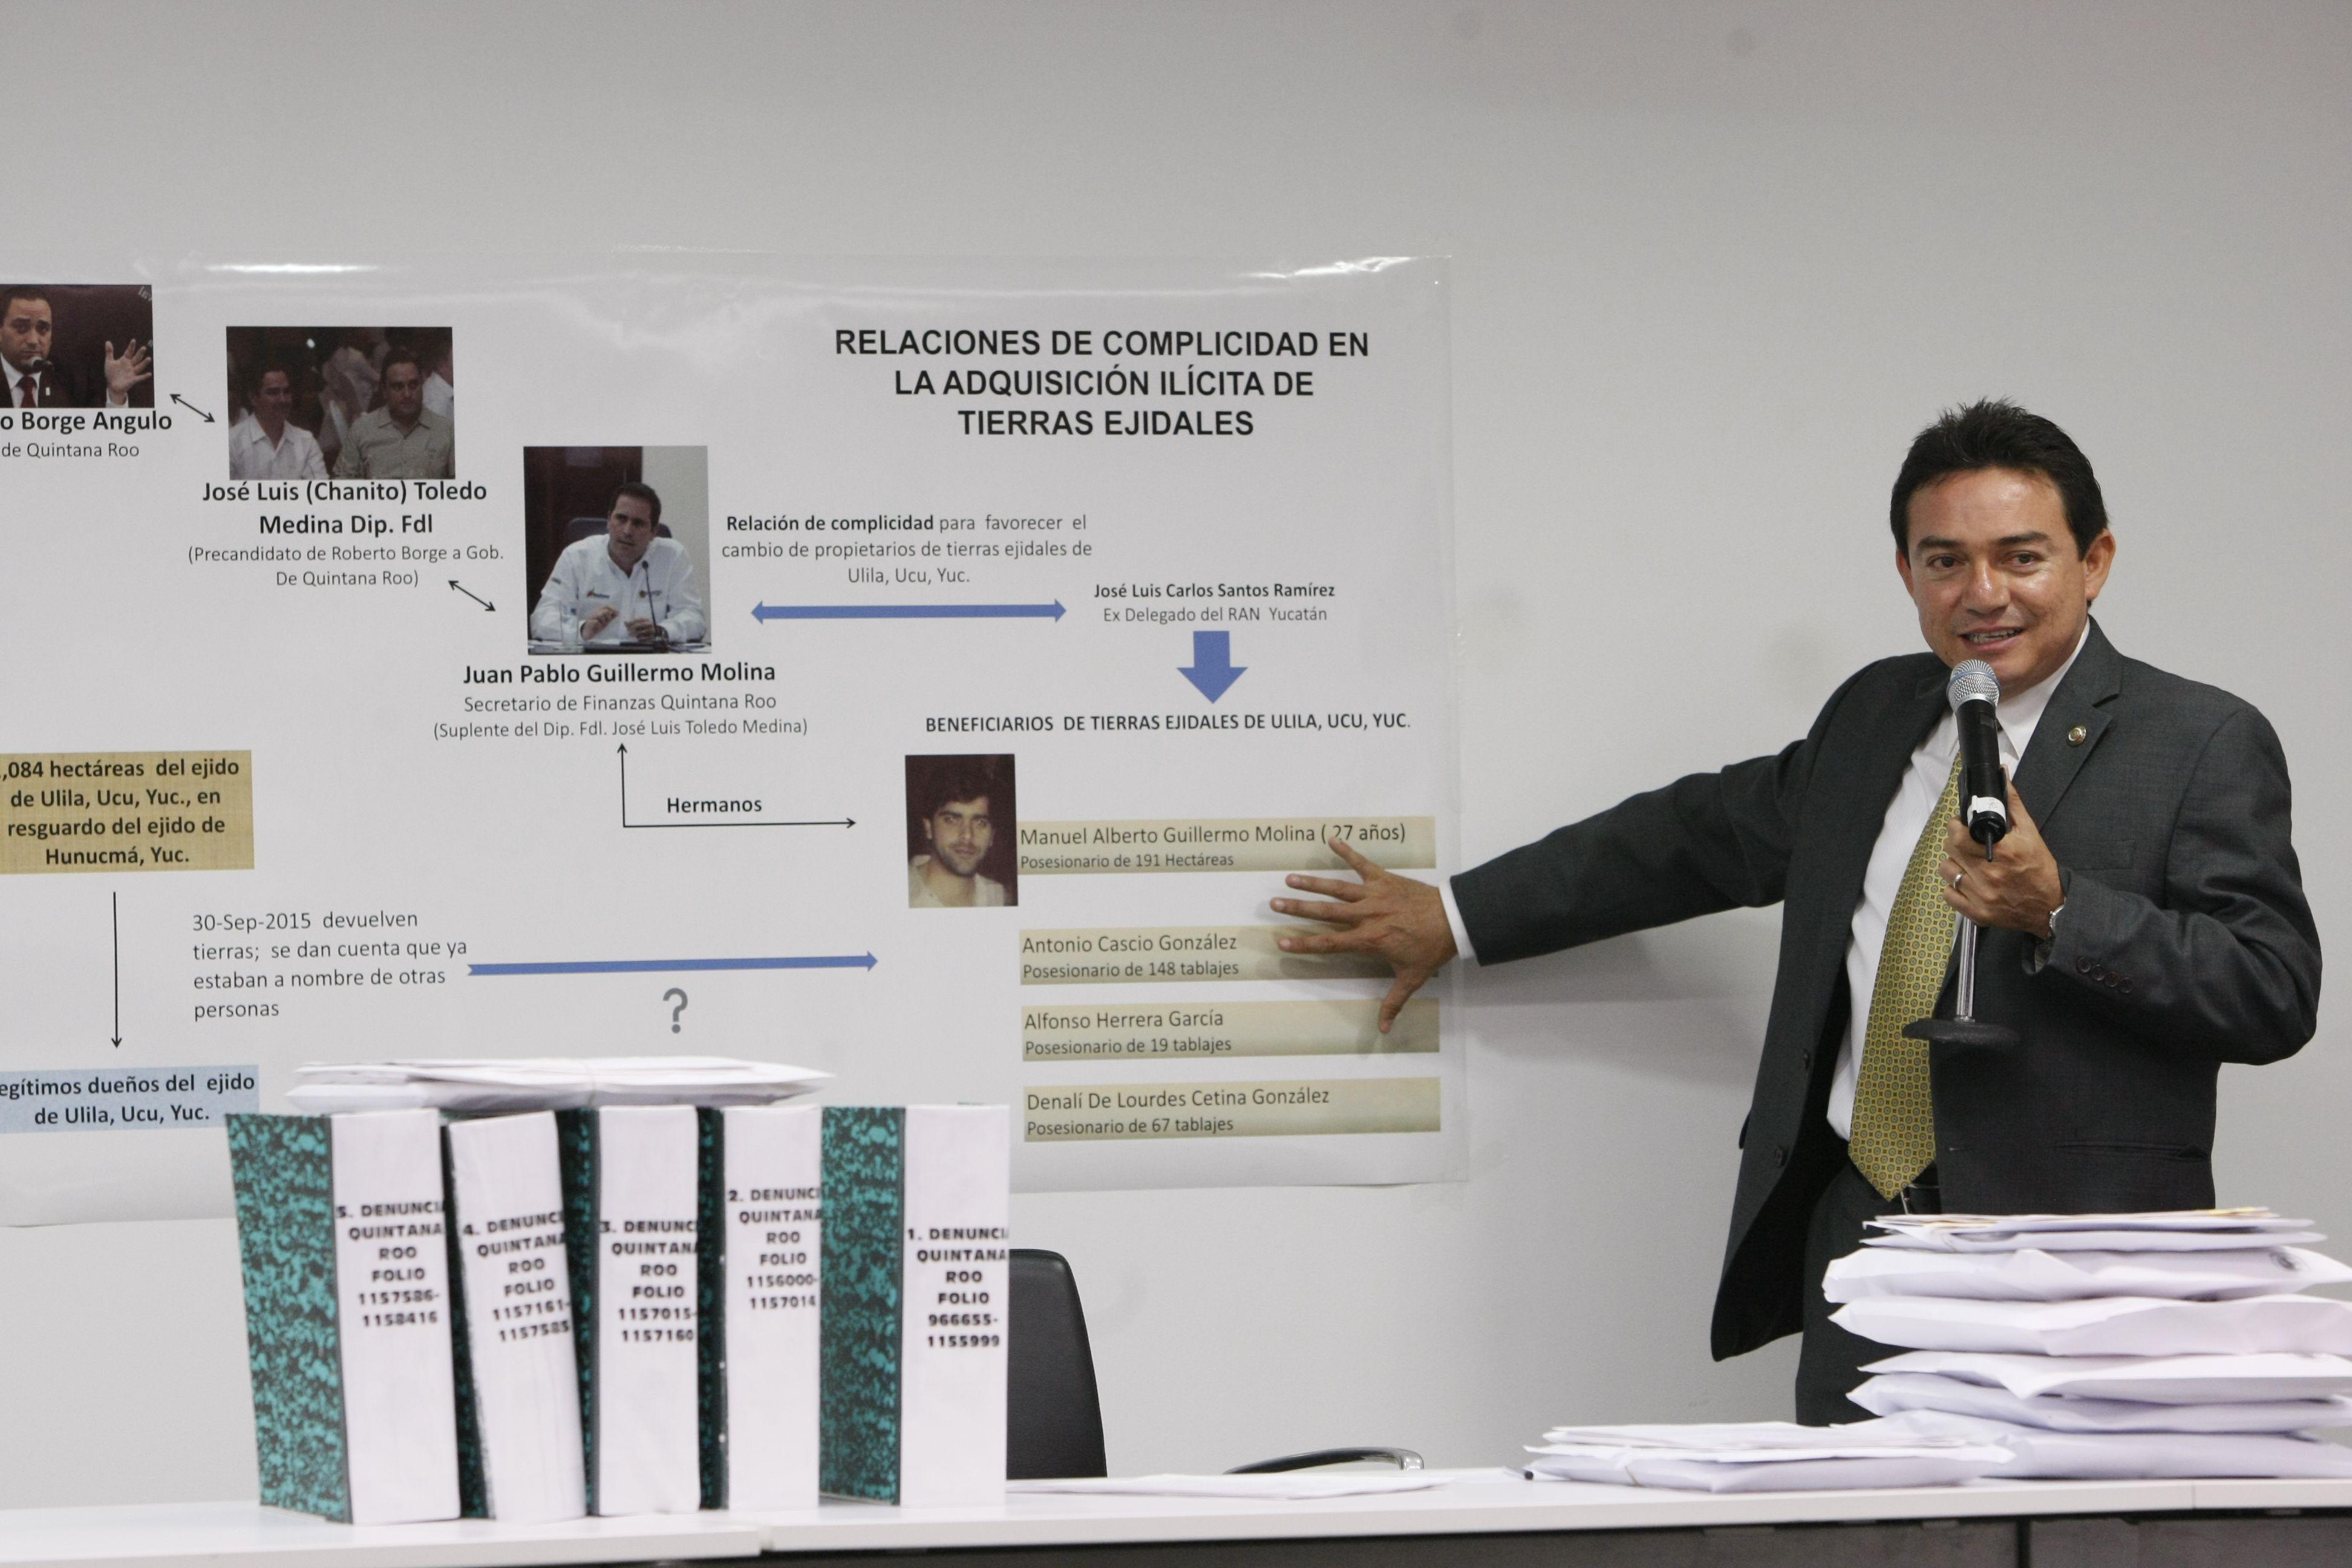 Retoma senador escándalo de tierras entre Yucatán y QRoo